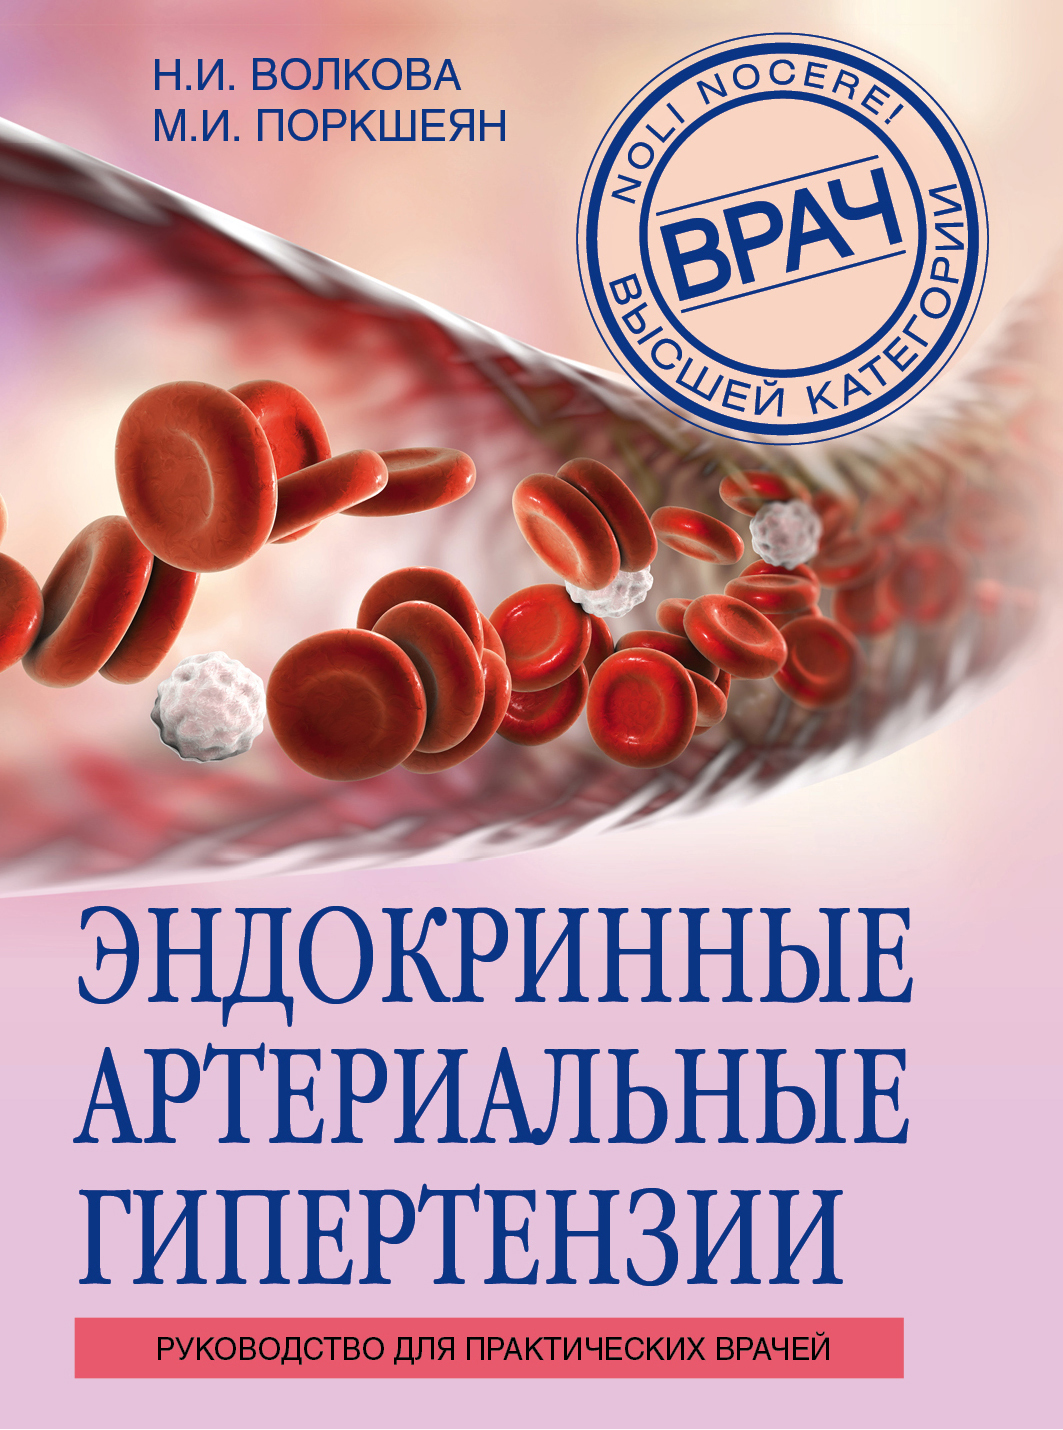 Наталья Волкова, Мария Покршеян - Эндокринные артериальные гипертензии. Руководство для практических врачей